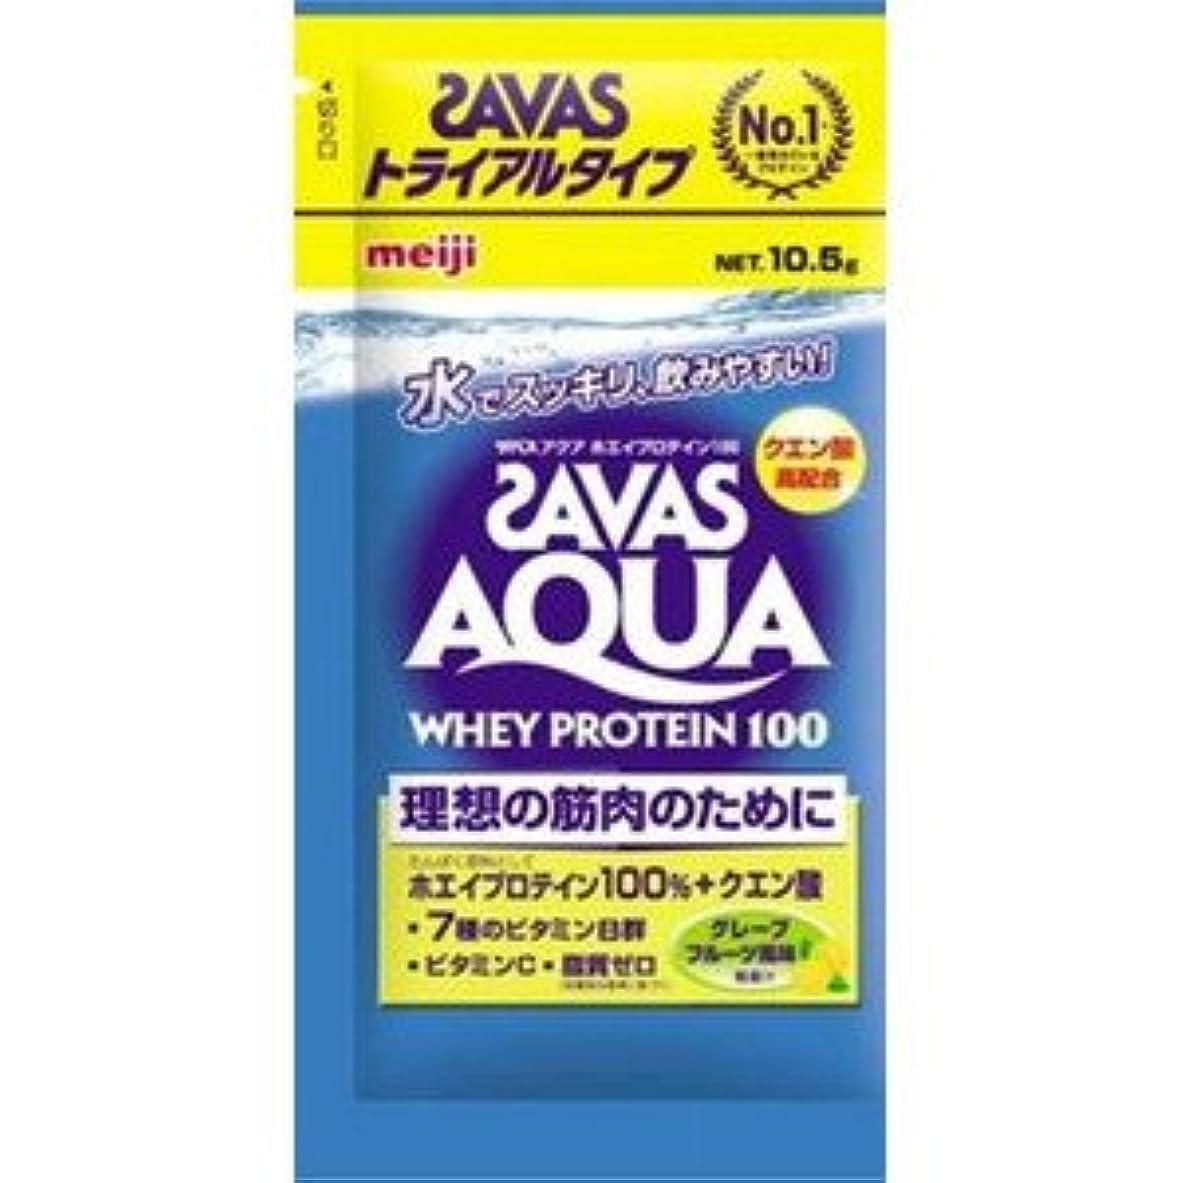 傷つきやすい種をまく船(ロート製薬)肌研 極潤ヒアルロン洗顔フォーム 100g(お買い得3本セット)